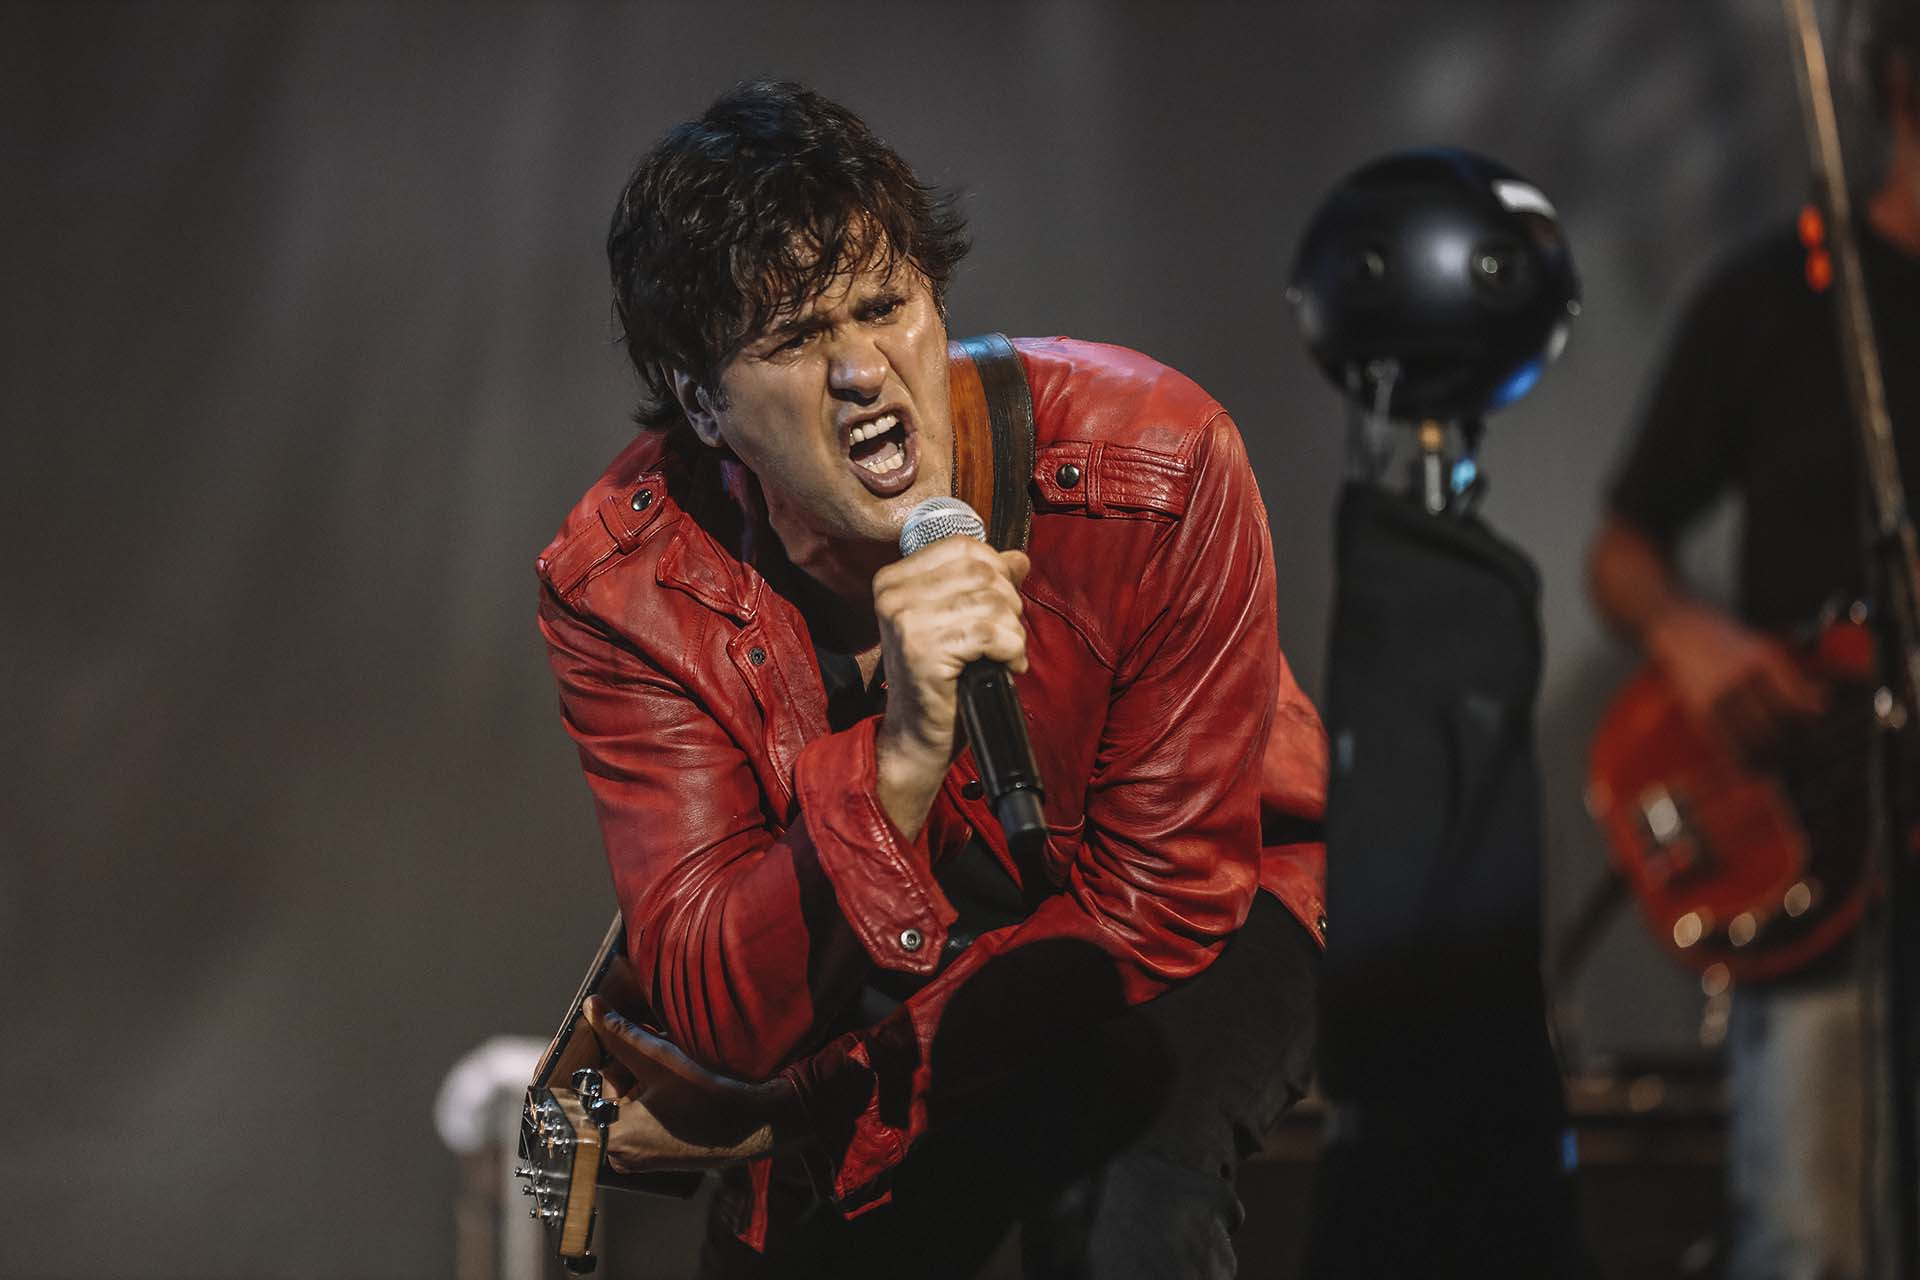 Andrés Ciro Martínez, líder del grupo Ciro y los Persas, actuó en el marco de la apertura del Cosquín Rock virtual en los escenarios porteños de La Trastienda y Vorterix